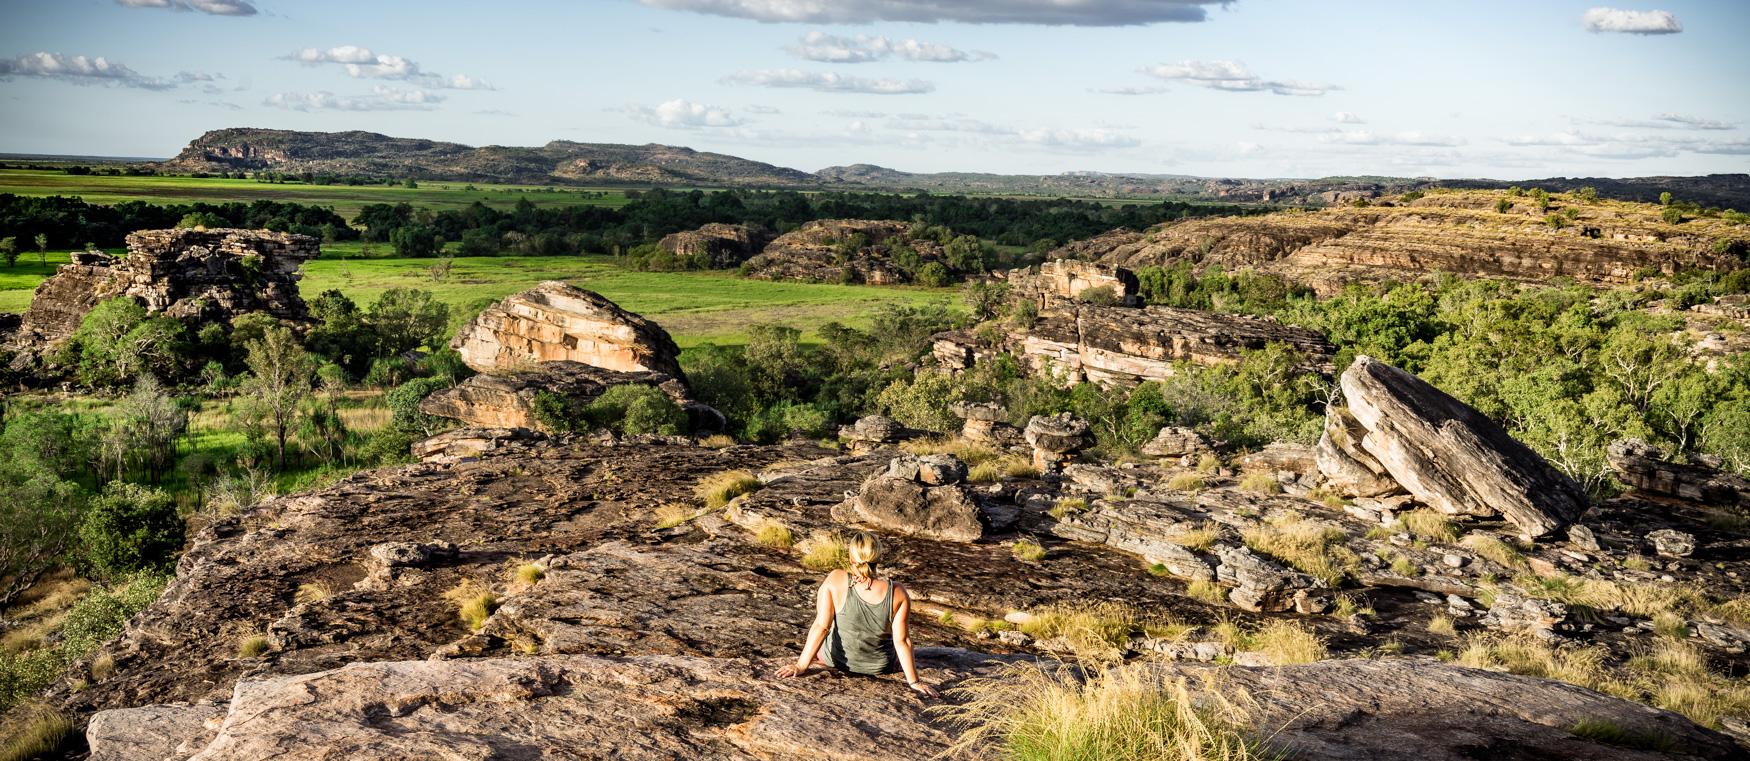 Kakadu National Park: Tipps und Reiseführer zum Besuch